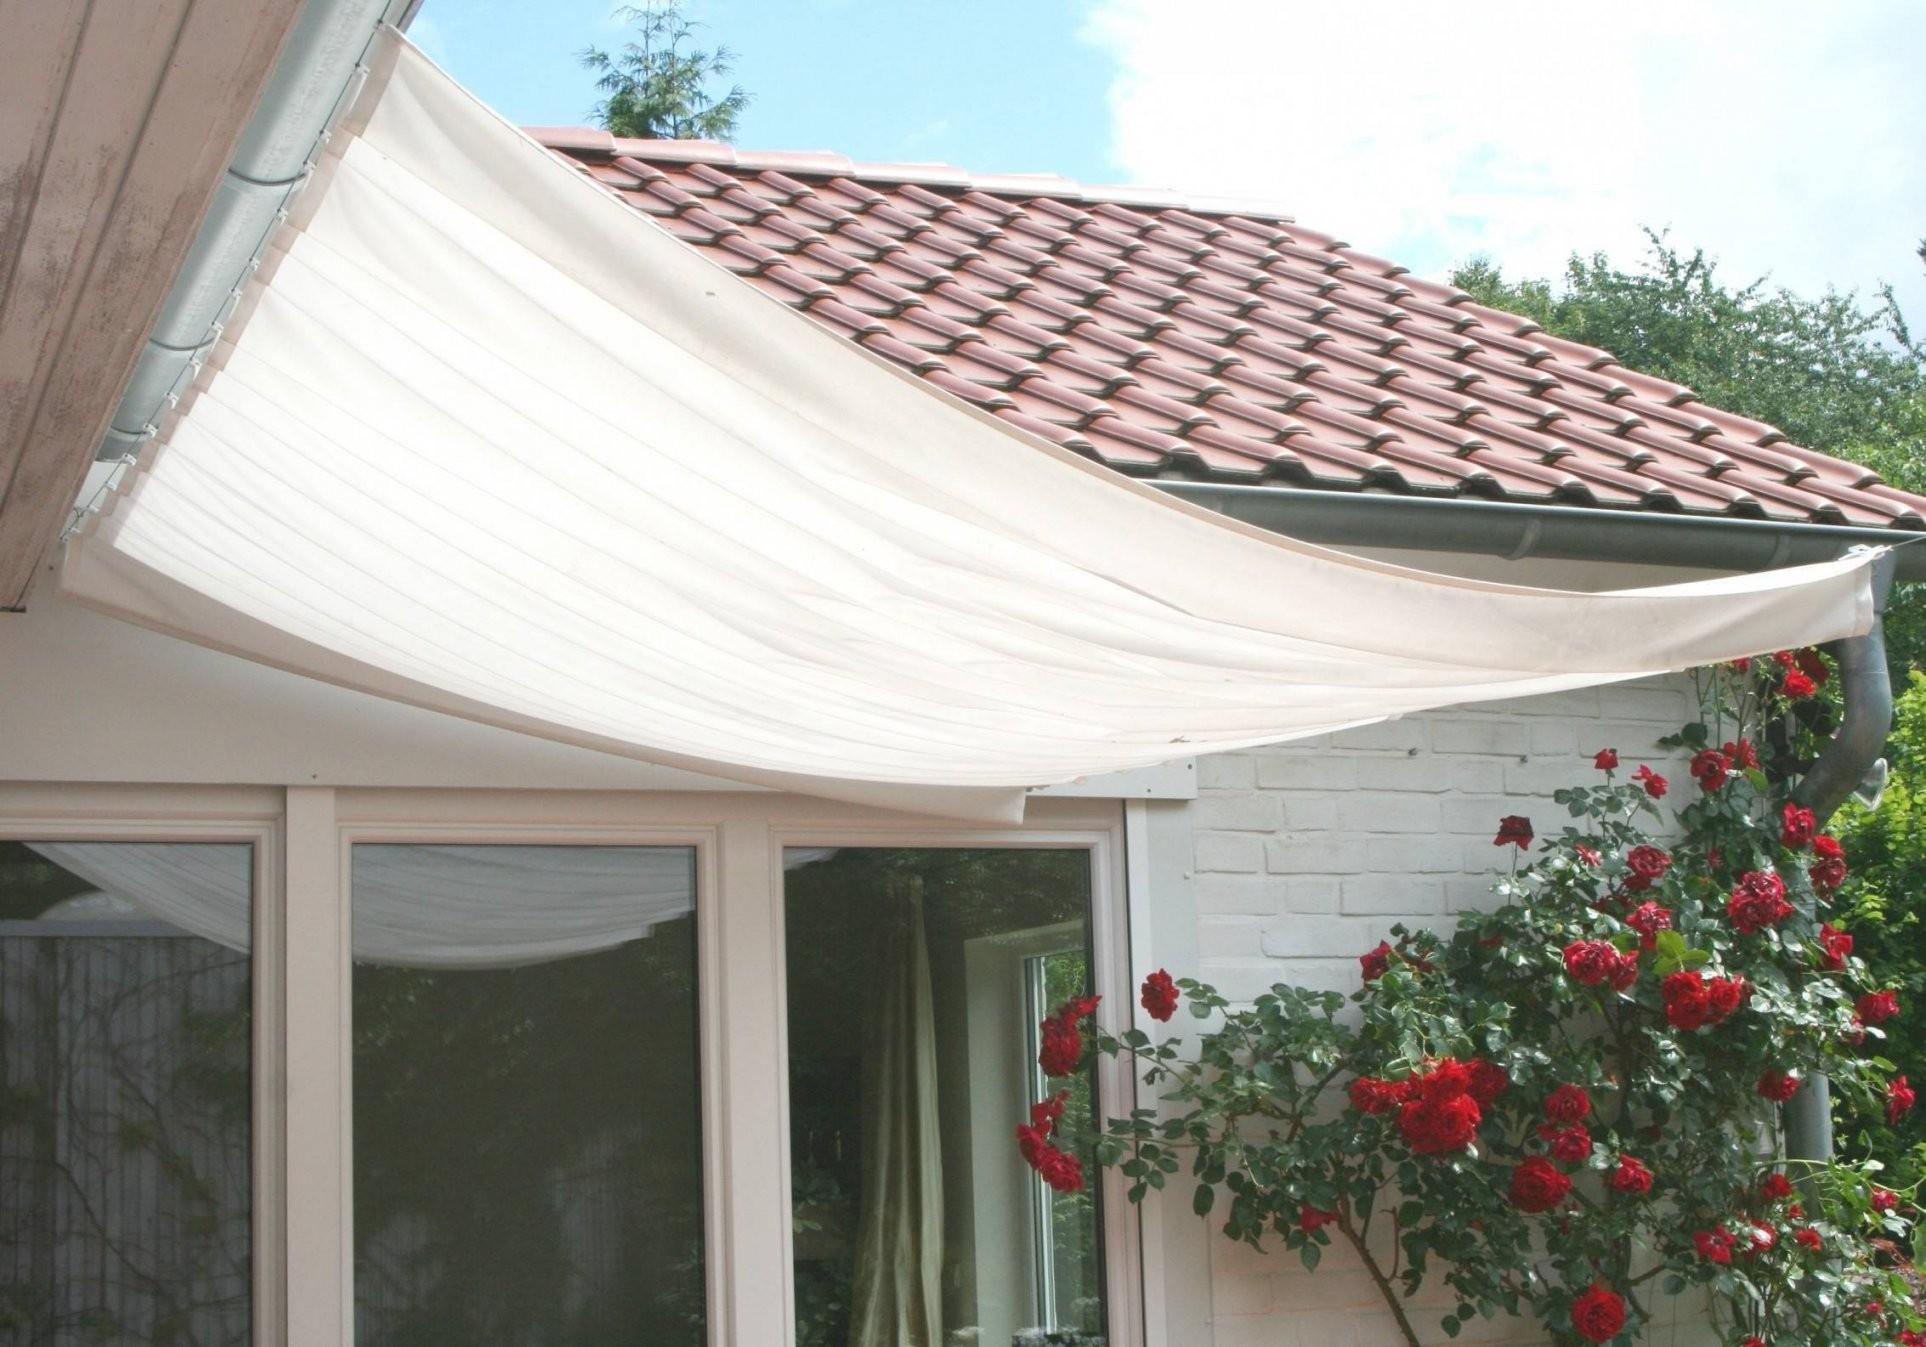 Regenschutz Terrasse Selber Bauen Faszinierend Auf Kreative Deko von Regenschutz Terrasse Selber Bauen Photo